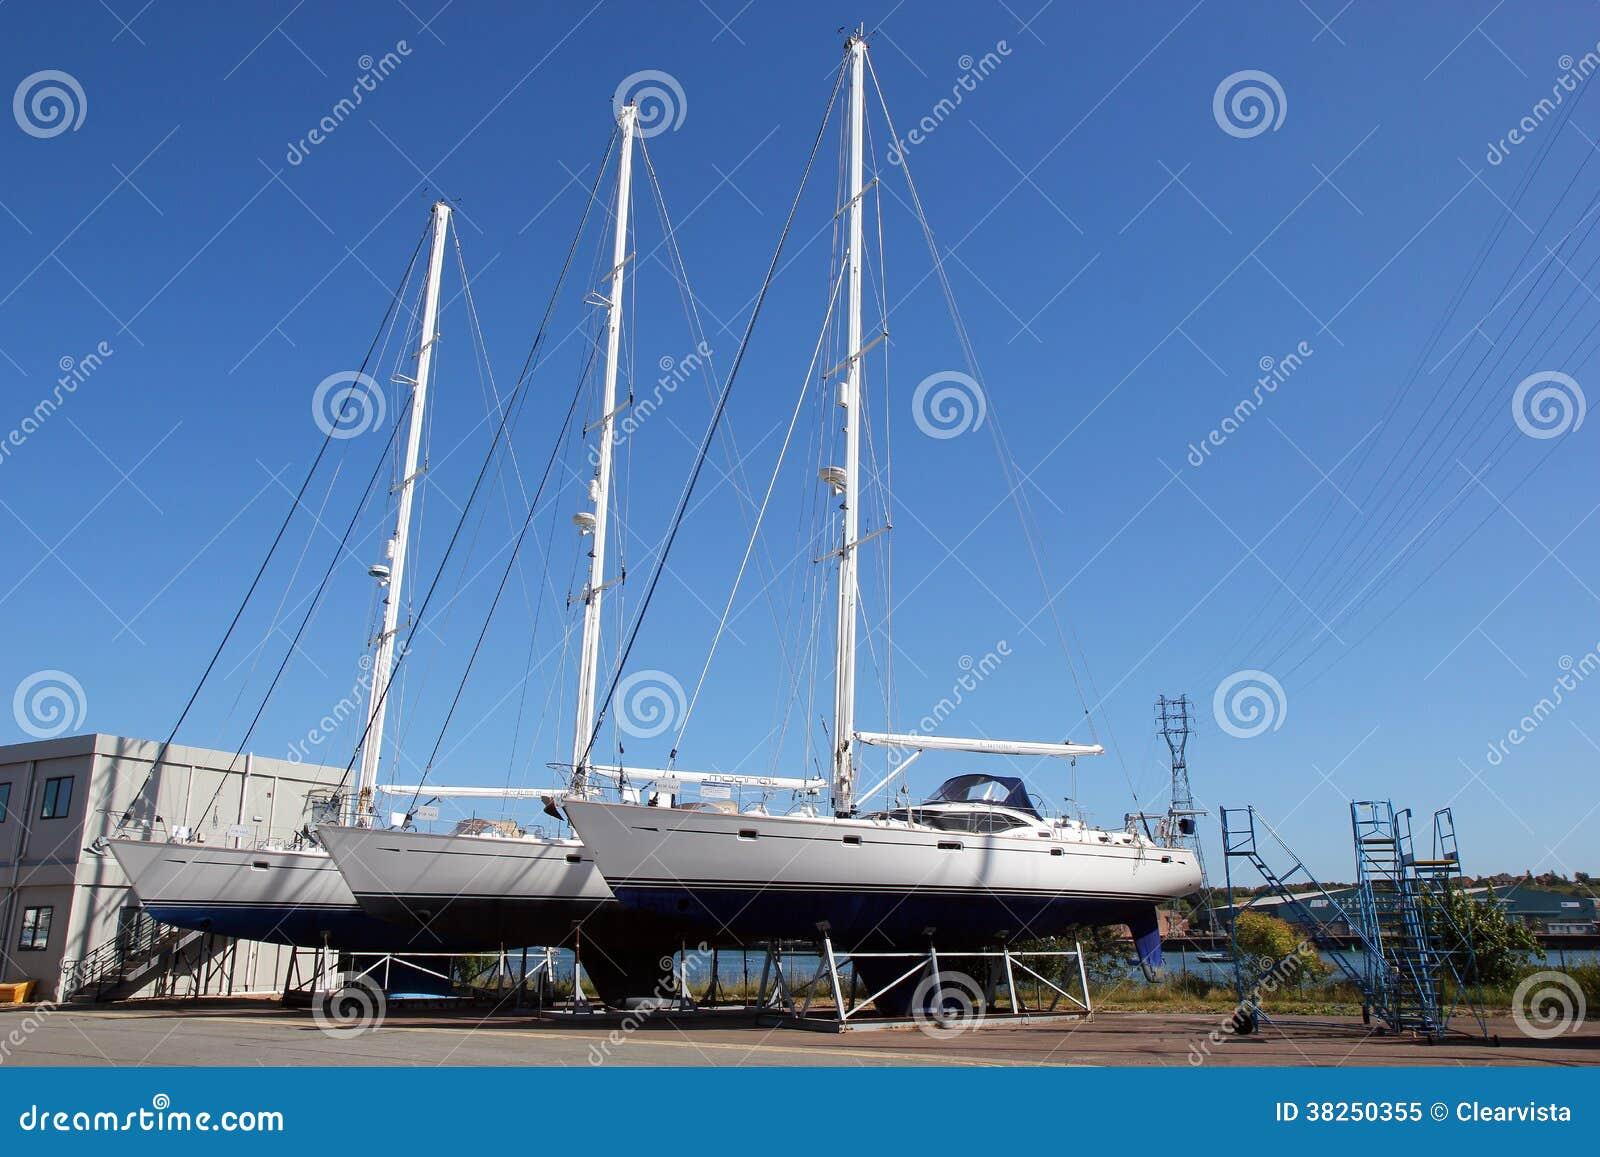 Fartyg eller yachter som är till salu i en fartyggård.